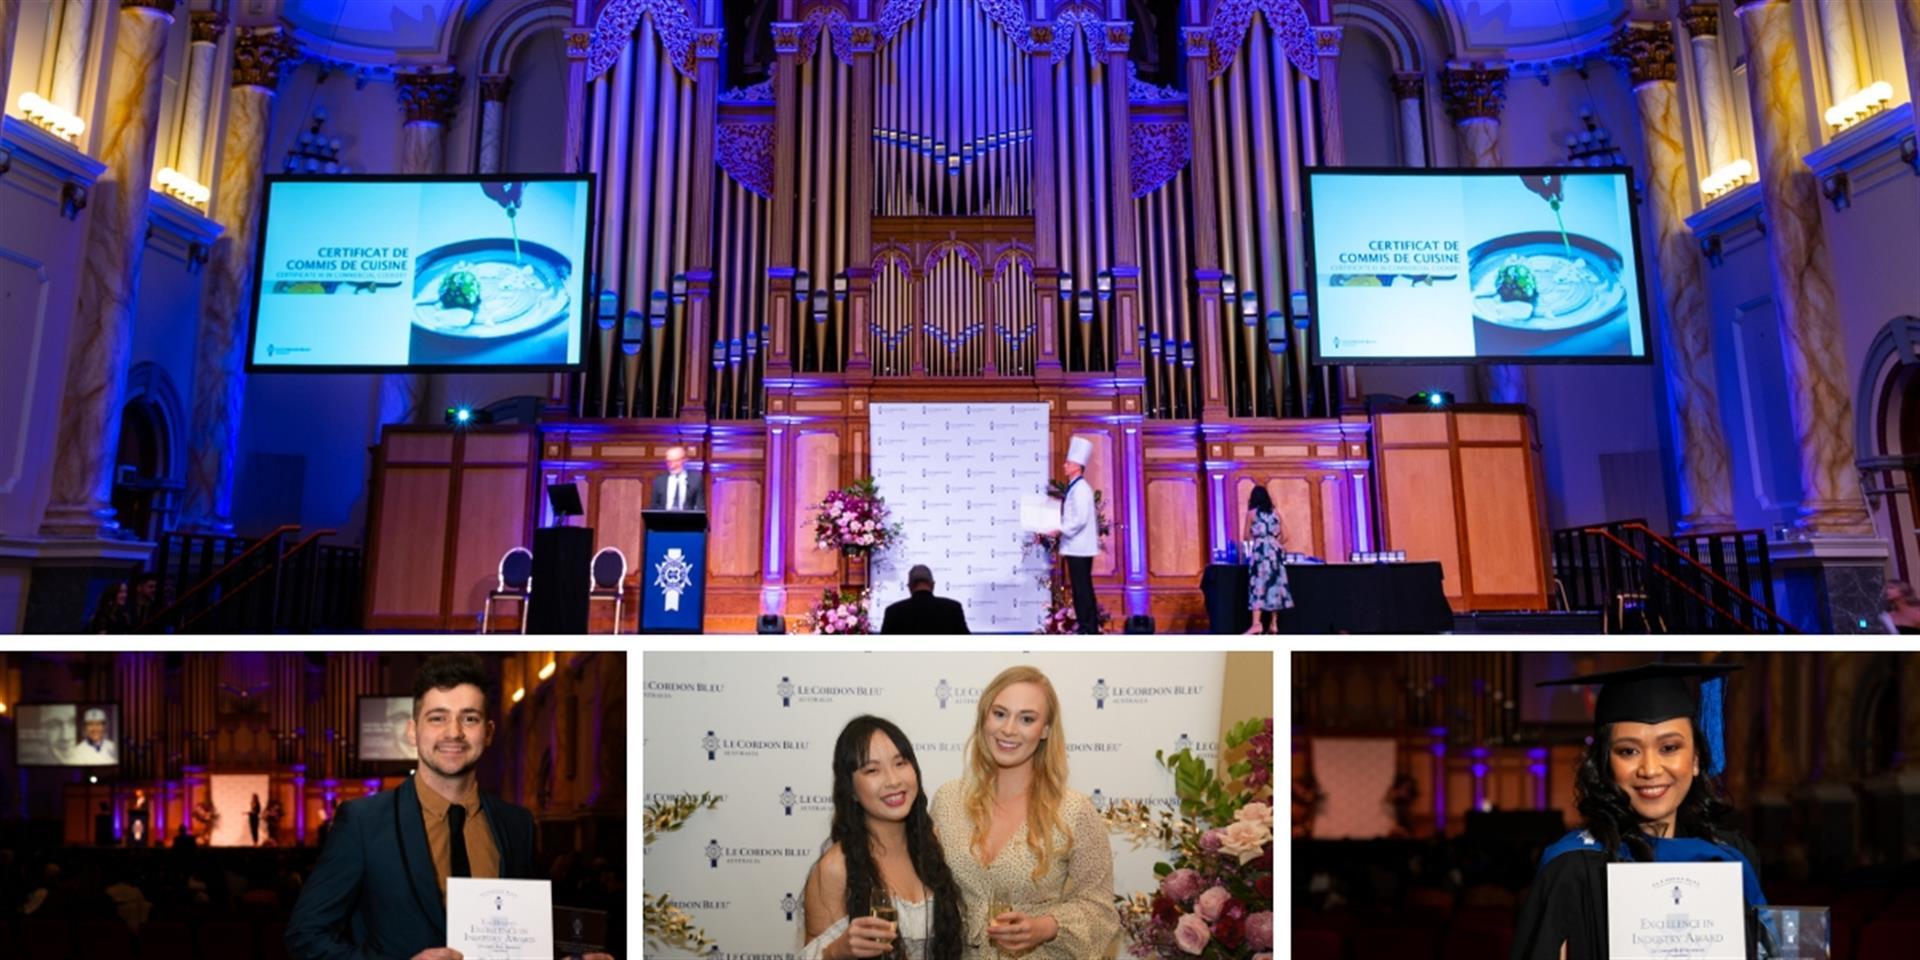 Le Cordon Bleu Adelaide Graduation